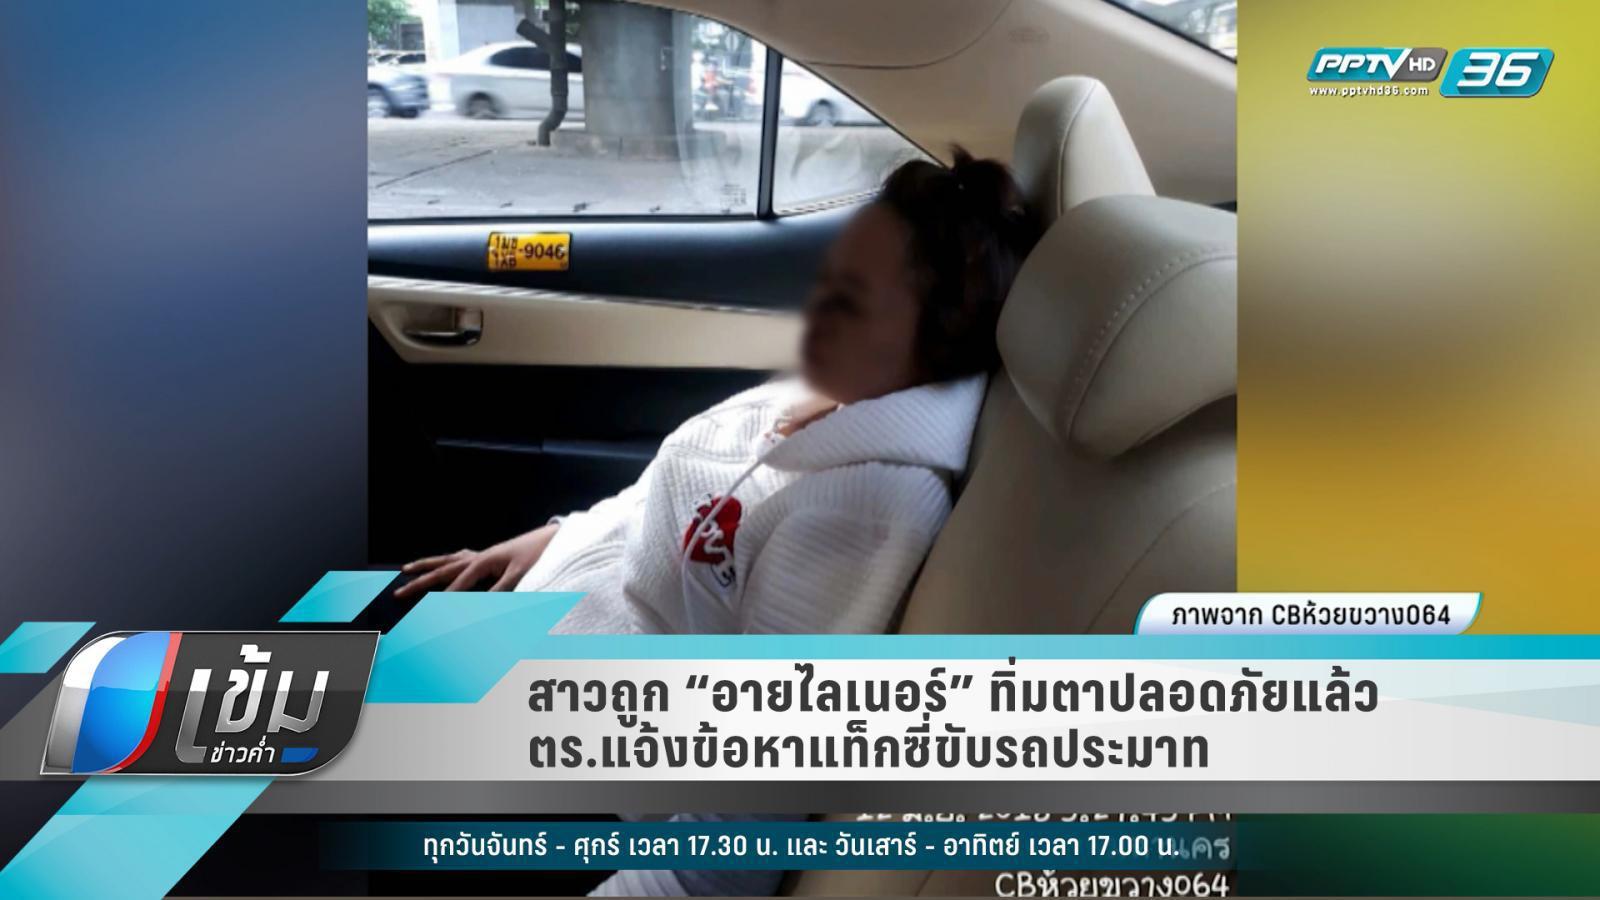 """สาวถูก """"อายไลเนอร์"""" ทิ่มตาปลอดภัยแล้ว ตร.แจ้งข้อหาแท็กซี่ขับรถประมาท"""